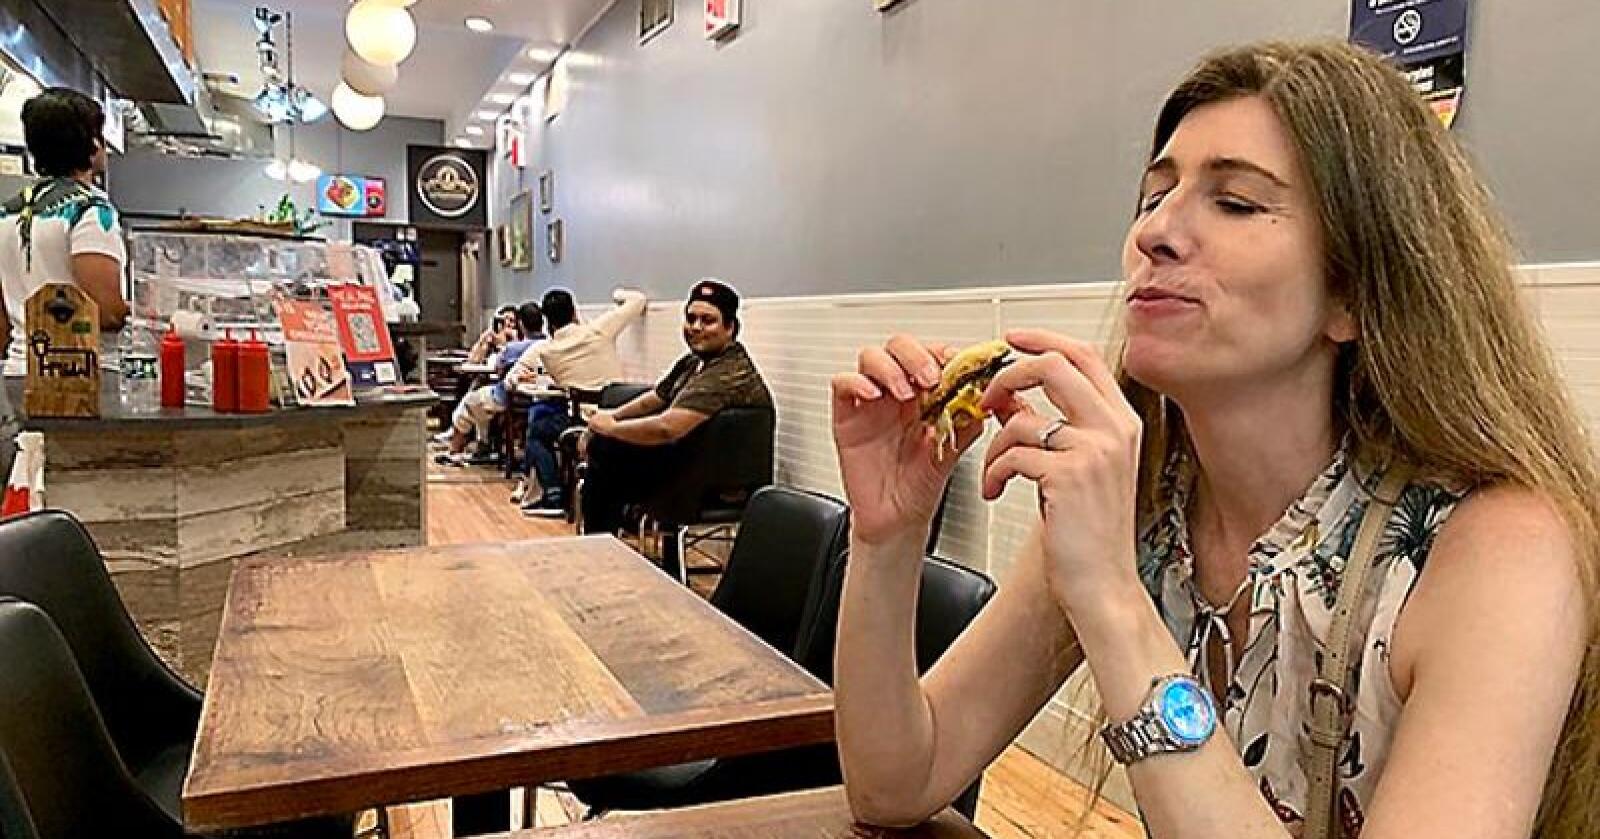 Vi tester den umulige burgeren i New York. Foto: Privat